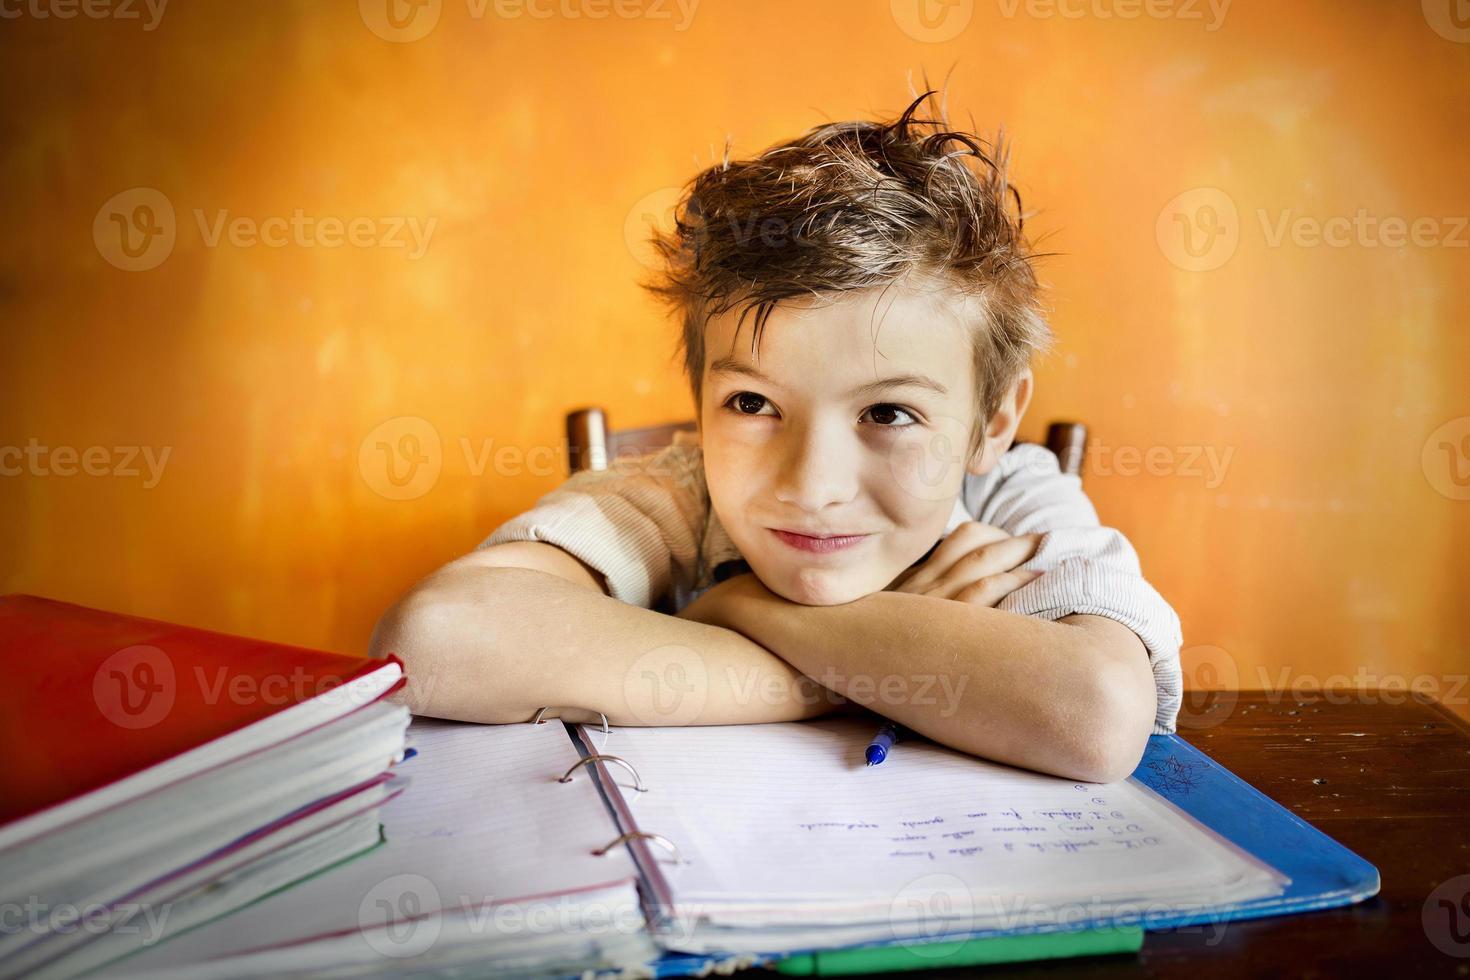 jonge jongen die zich op huiswerk concentreert foto